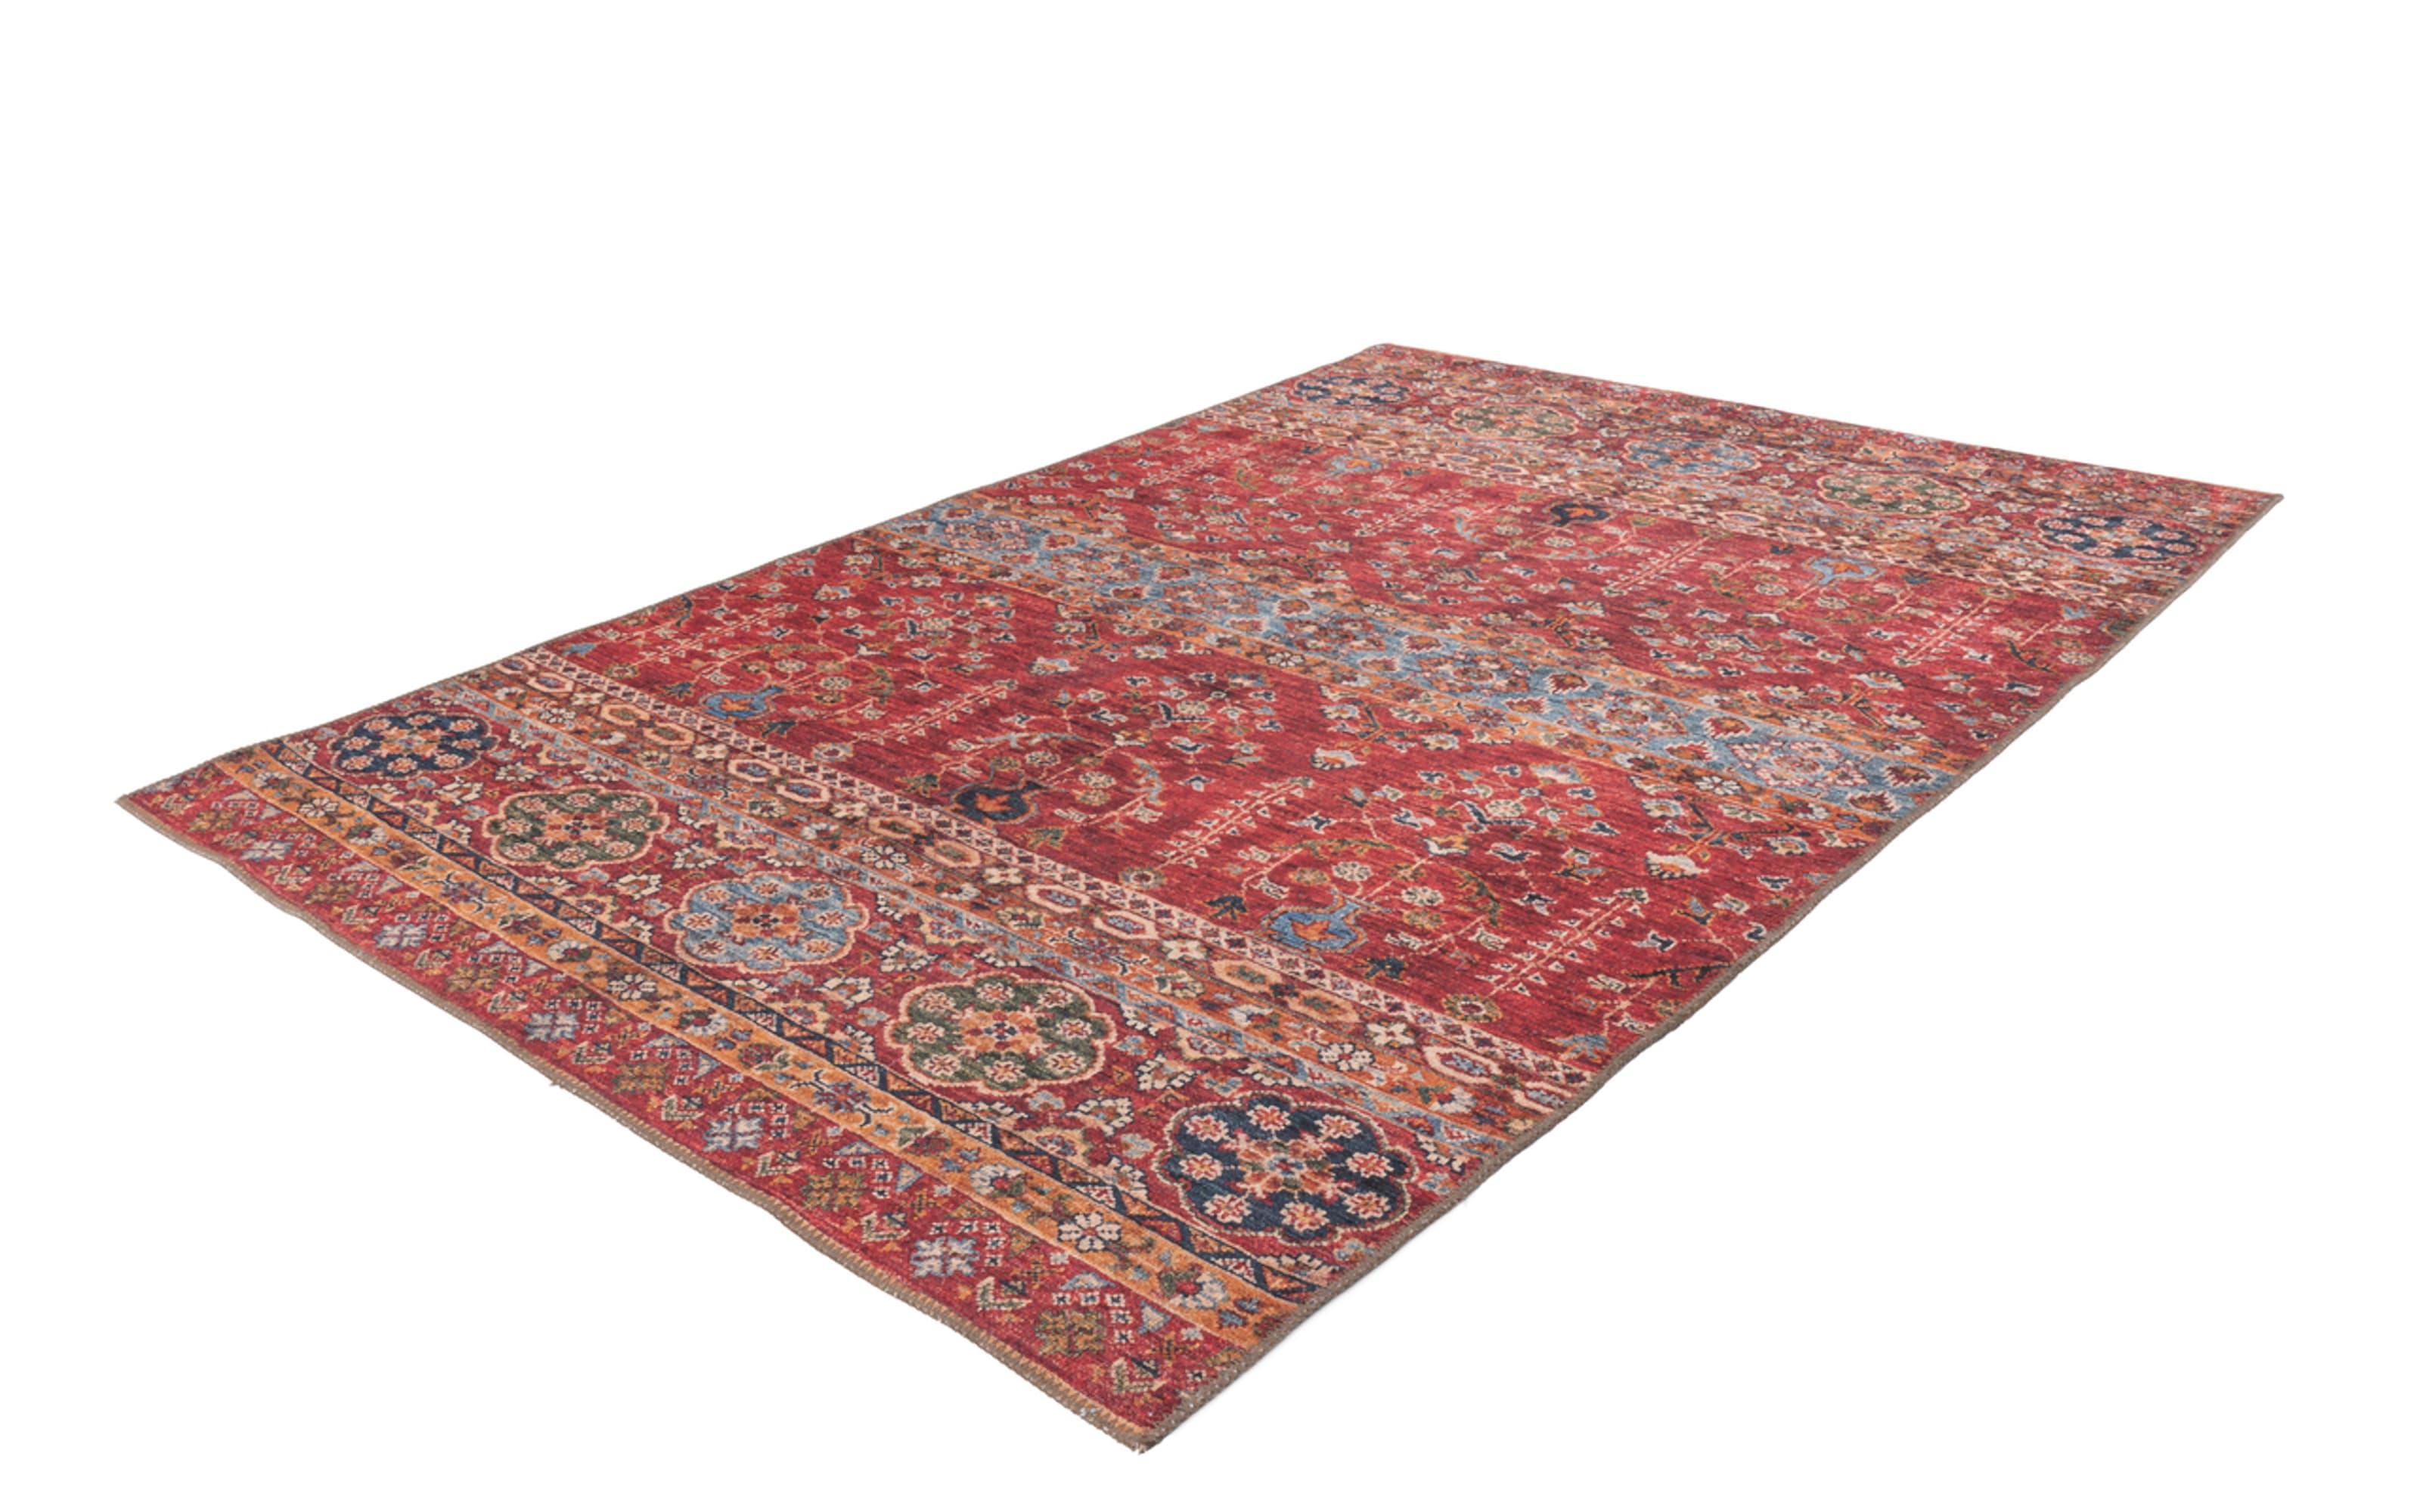 Teppich Faye 325 in multi/rot, ca. 75 x 150 cm